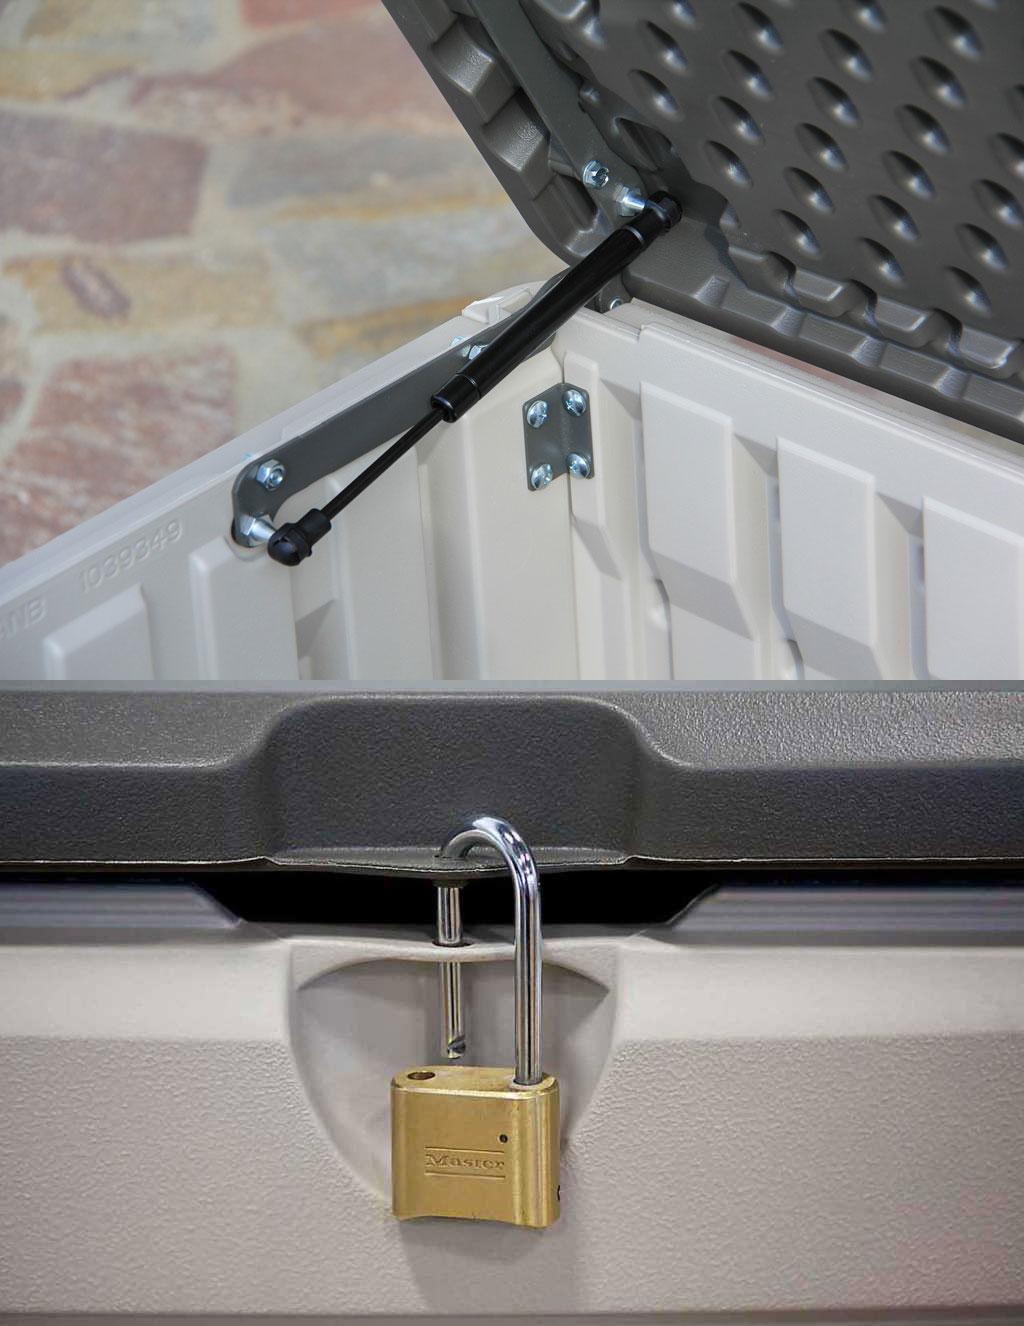 kissenbox xxl gartenbox kissenbox xxl kunststoff xxcm bild with kissenbox xxl cheap lifetime. Black Bedroom Furniture Sets. Home Design Ideas